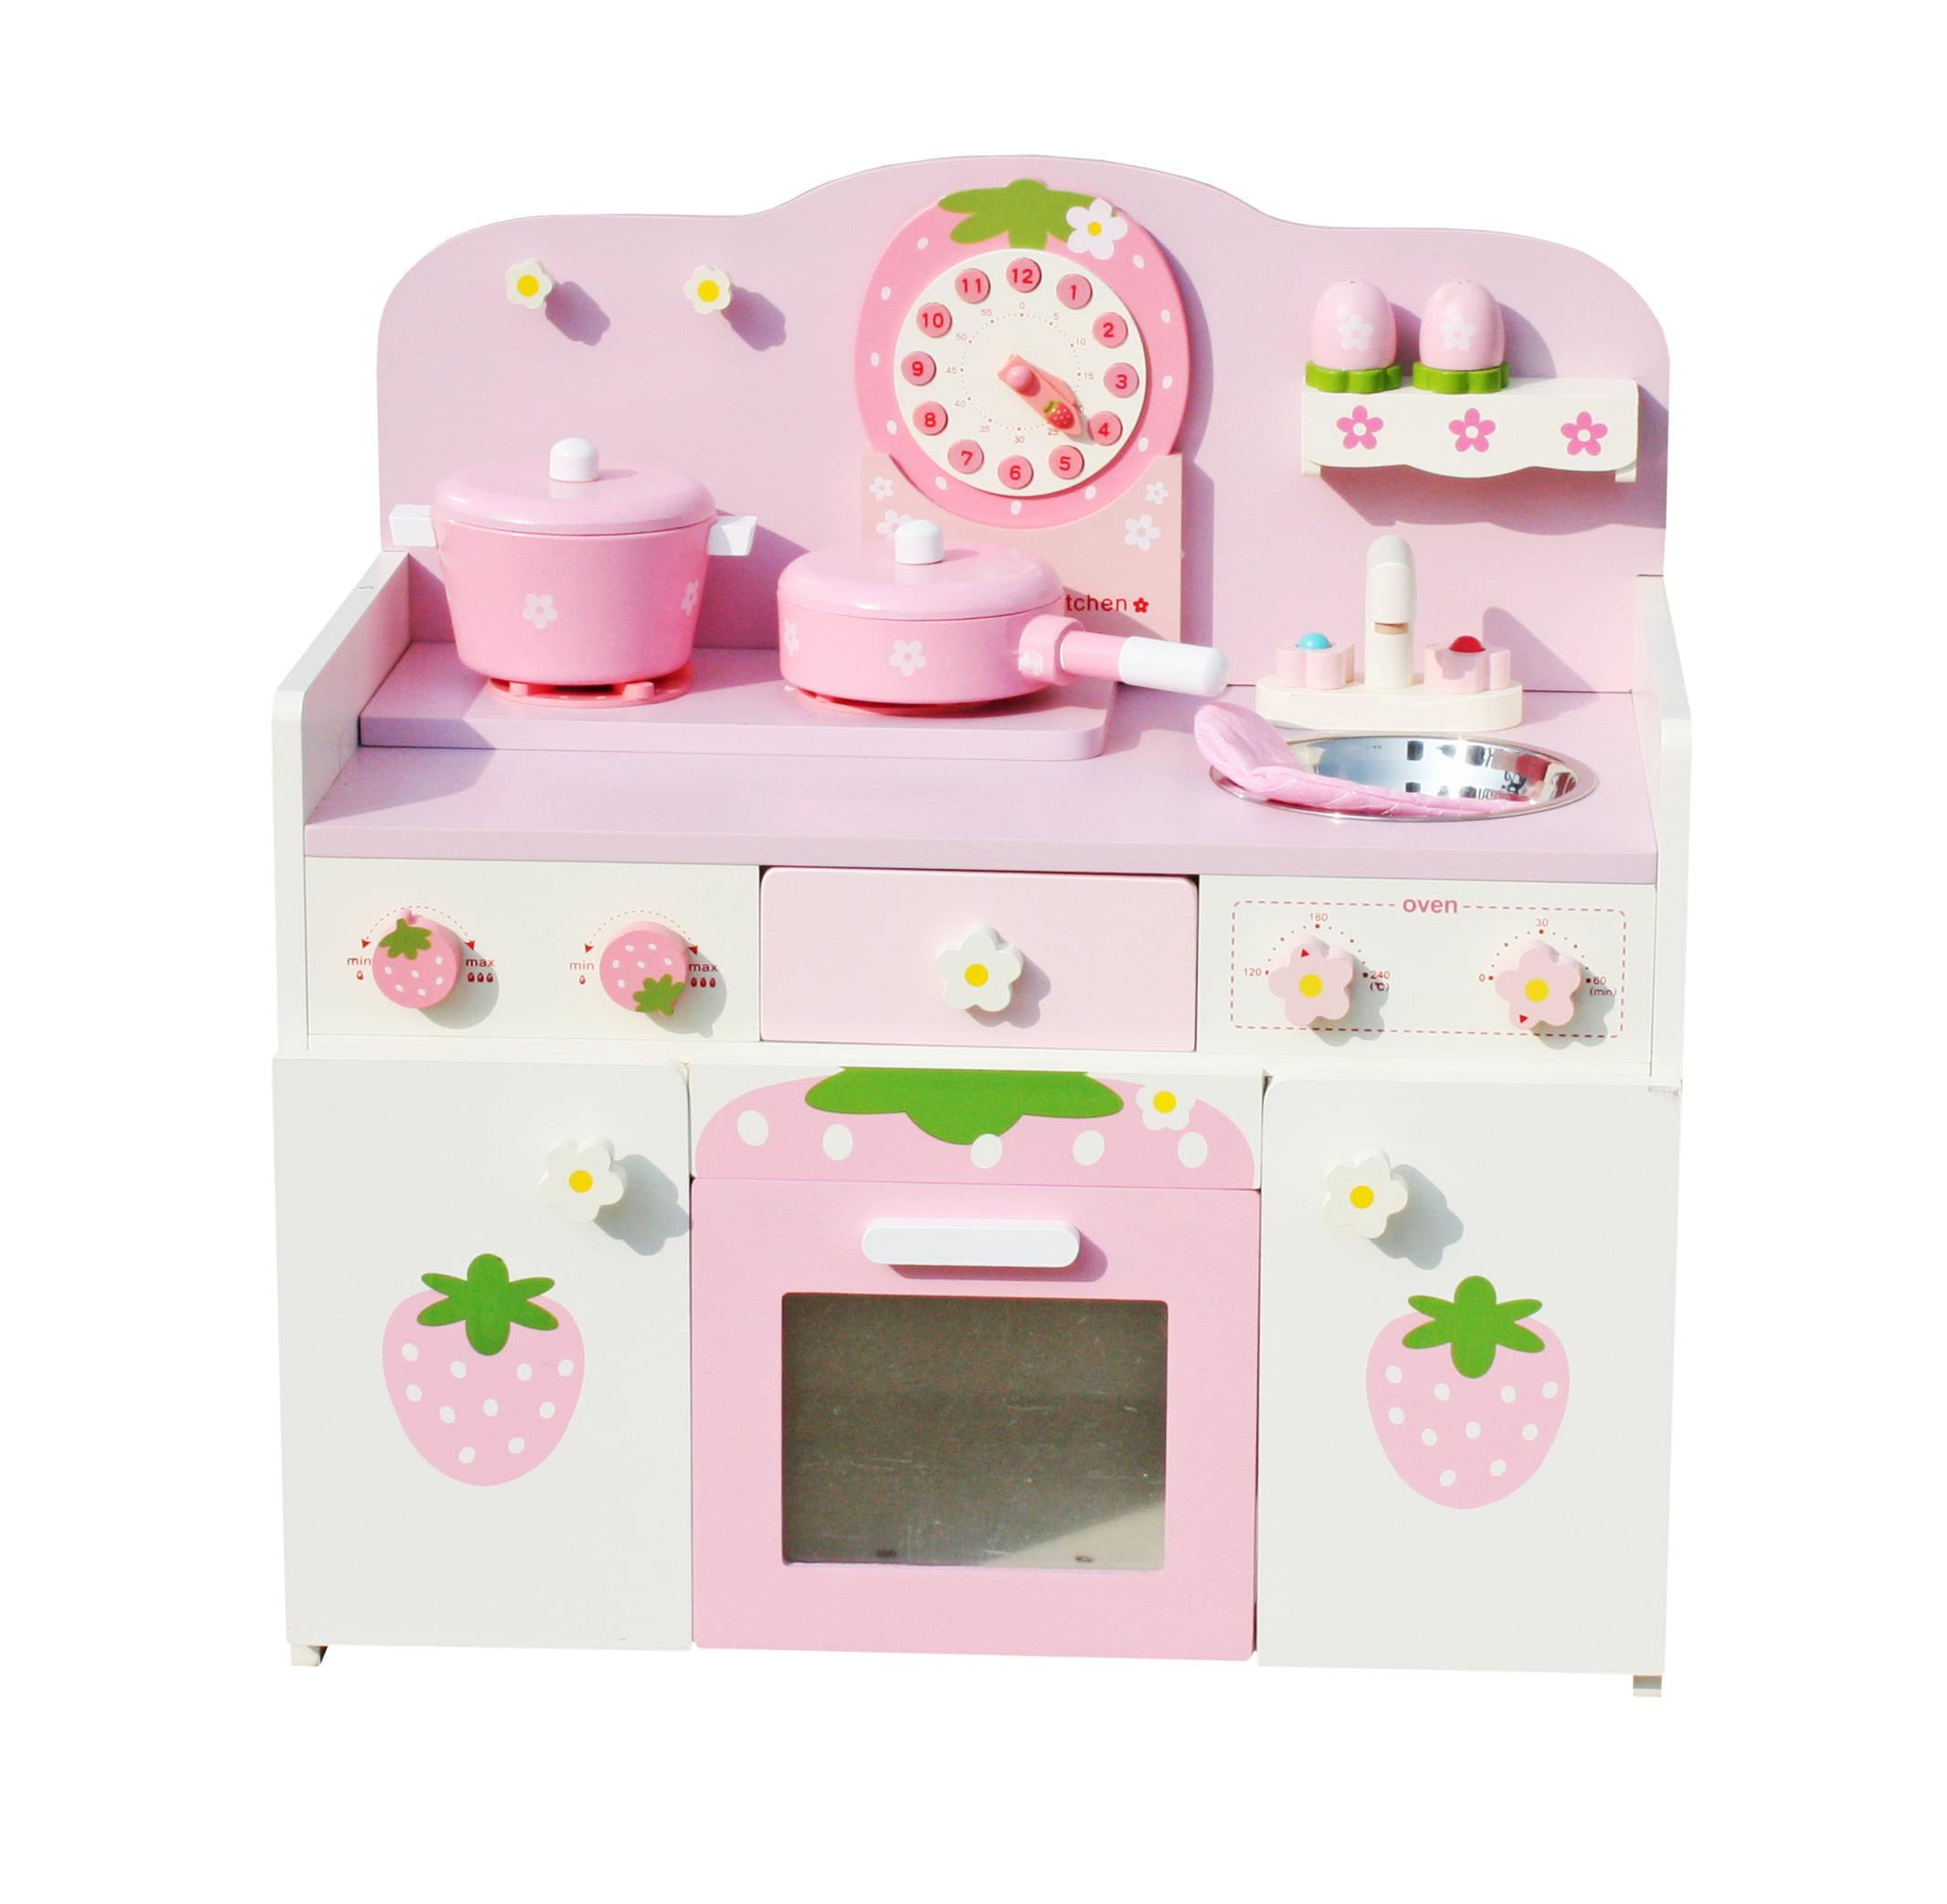 Timy Wooden Kitchen Toy Pretend Cooking Kids Children Role Play Set